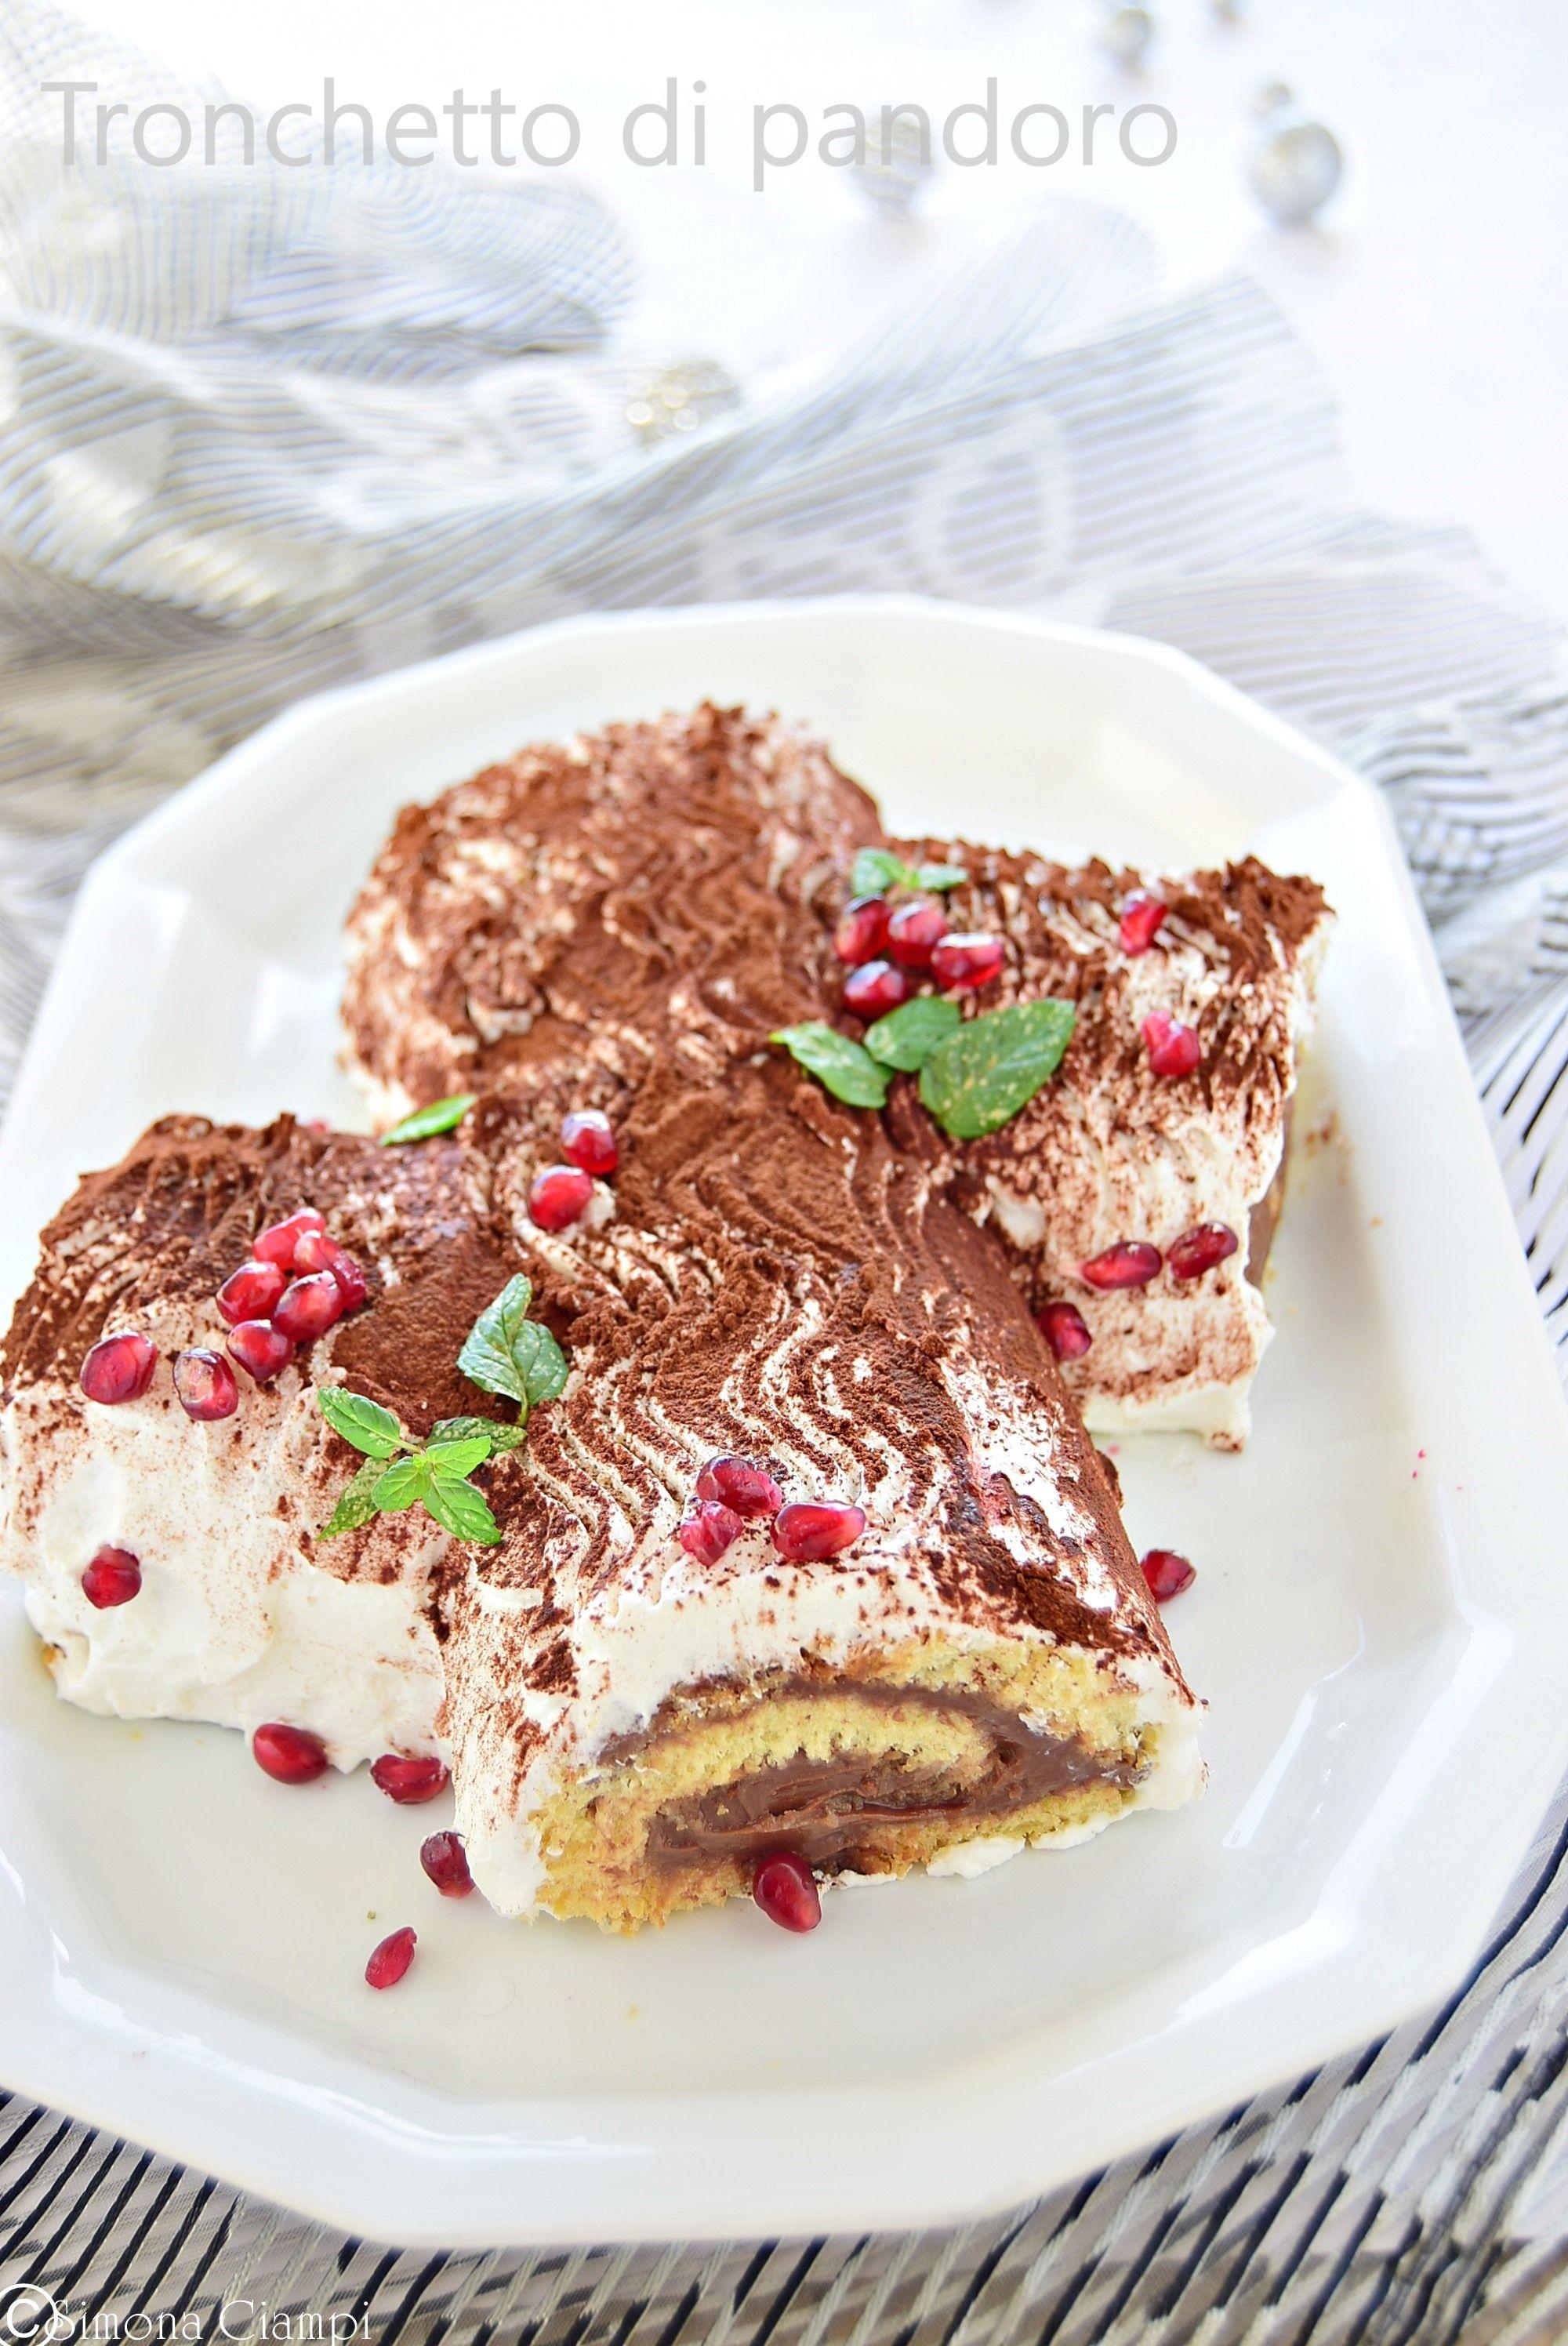 Ricetta Tronchetto Di Natale Alla Nutella.Pin By Lapasticceramatta On Torte E Ricette Base Ricette Dolci Di